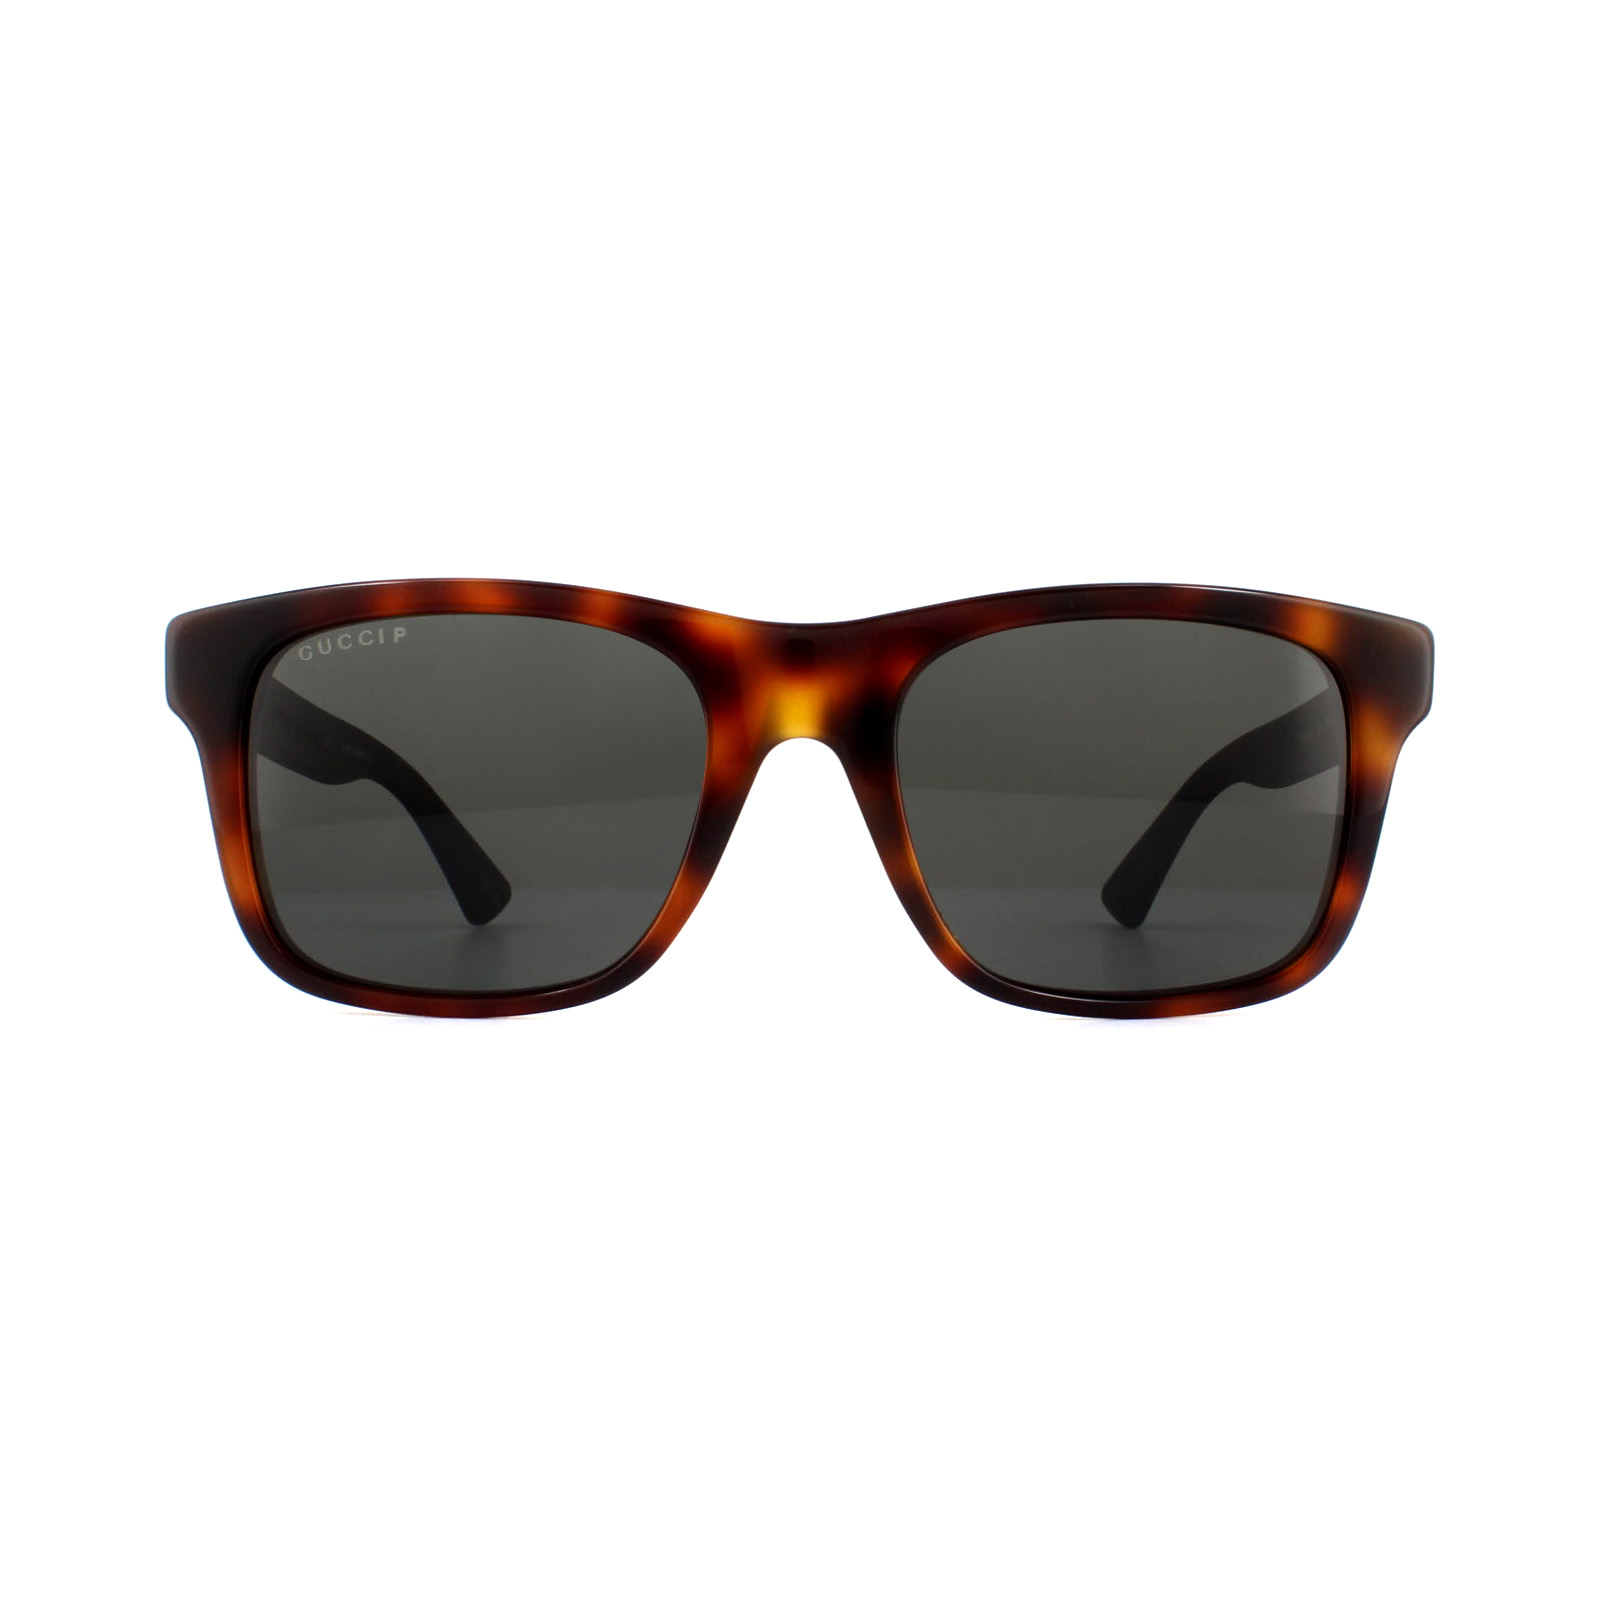 9b4b1064e5426 Sentinel Gucci Sunglasses GG0008S 006 Havana Black Rubber Grey Polarized